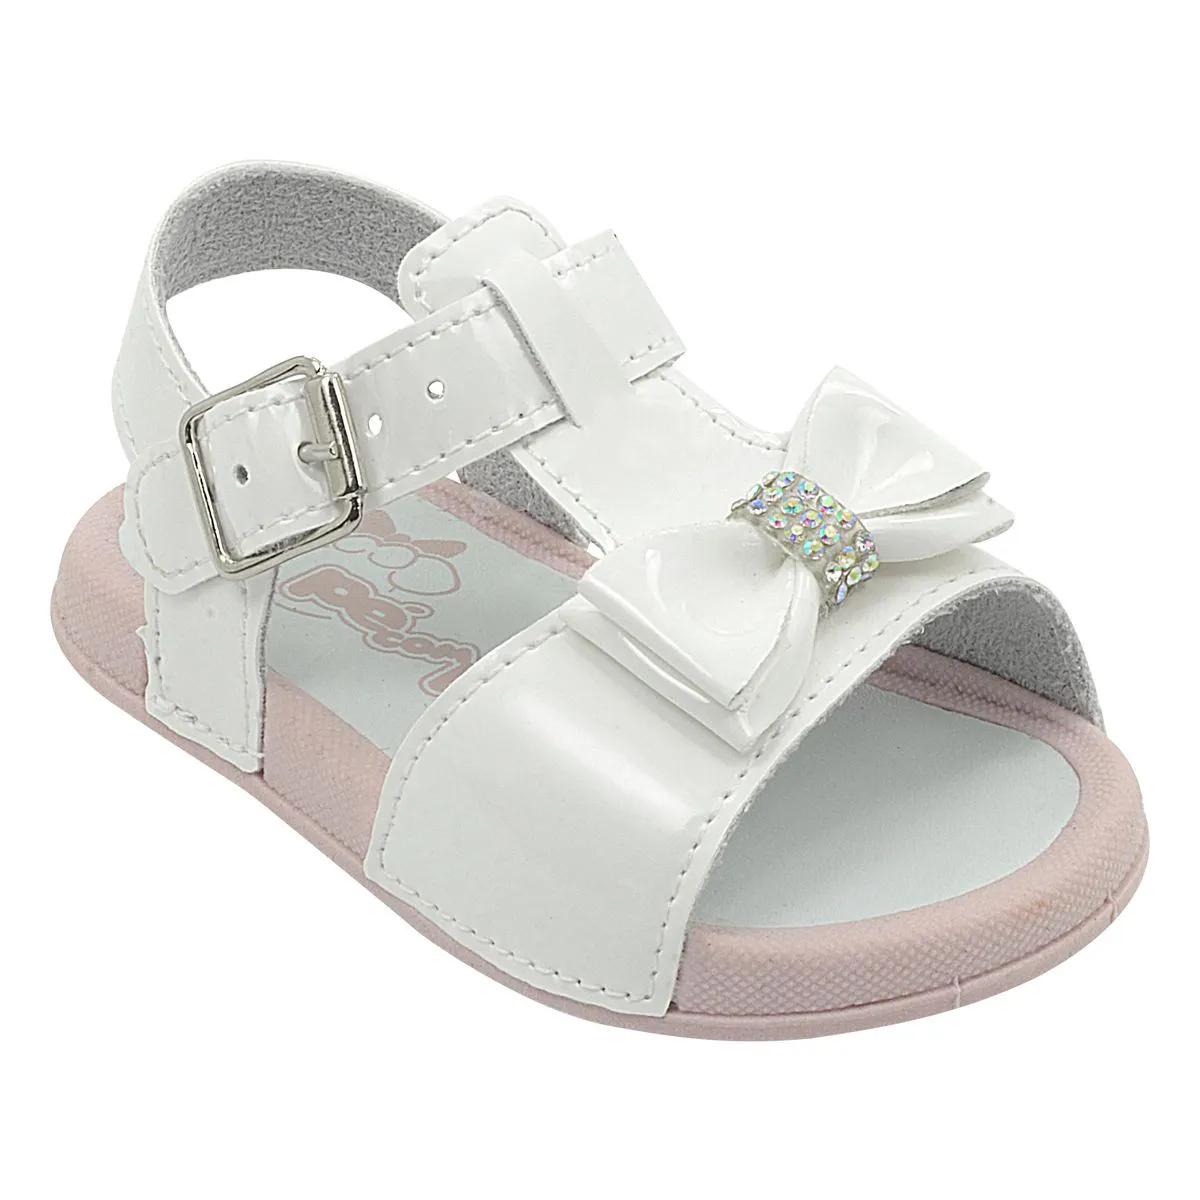 Papete Neném Infantil Com Lacinho Branco Feminina